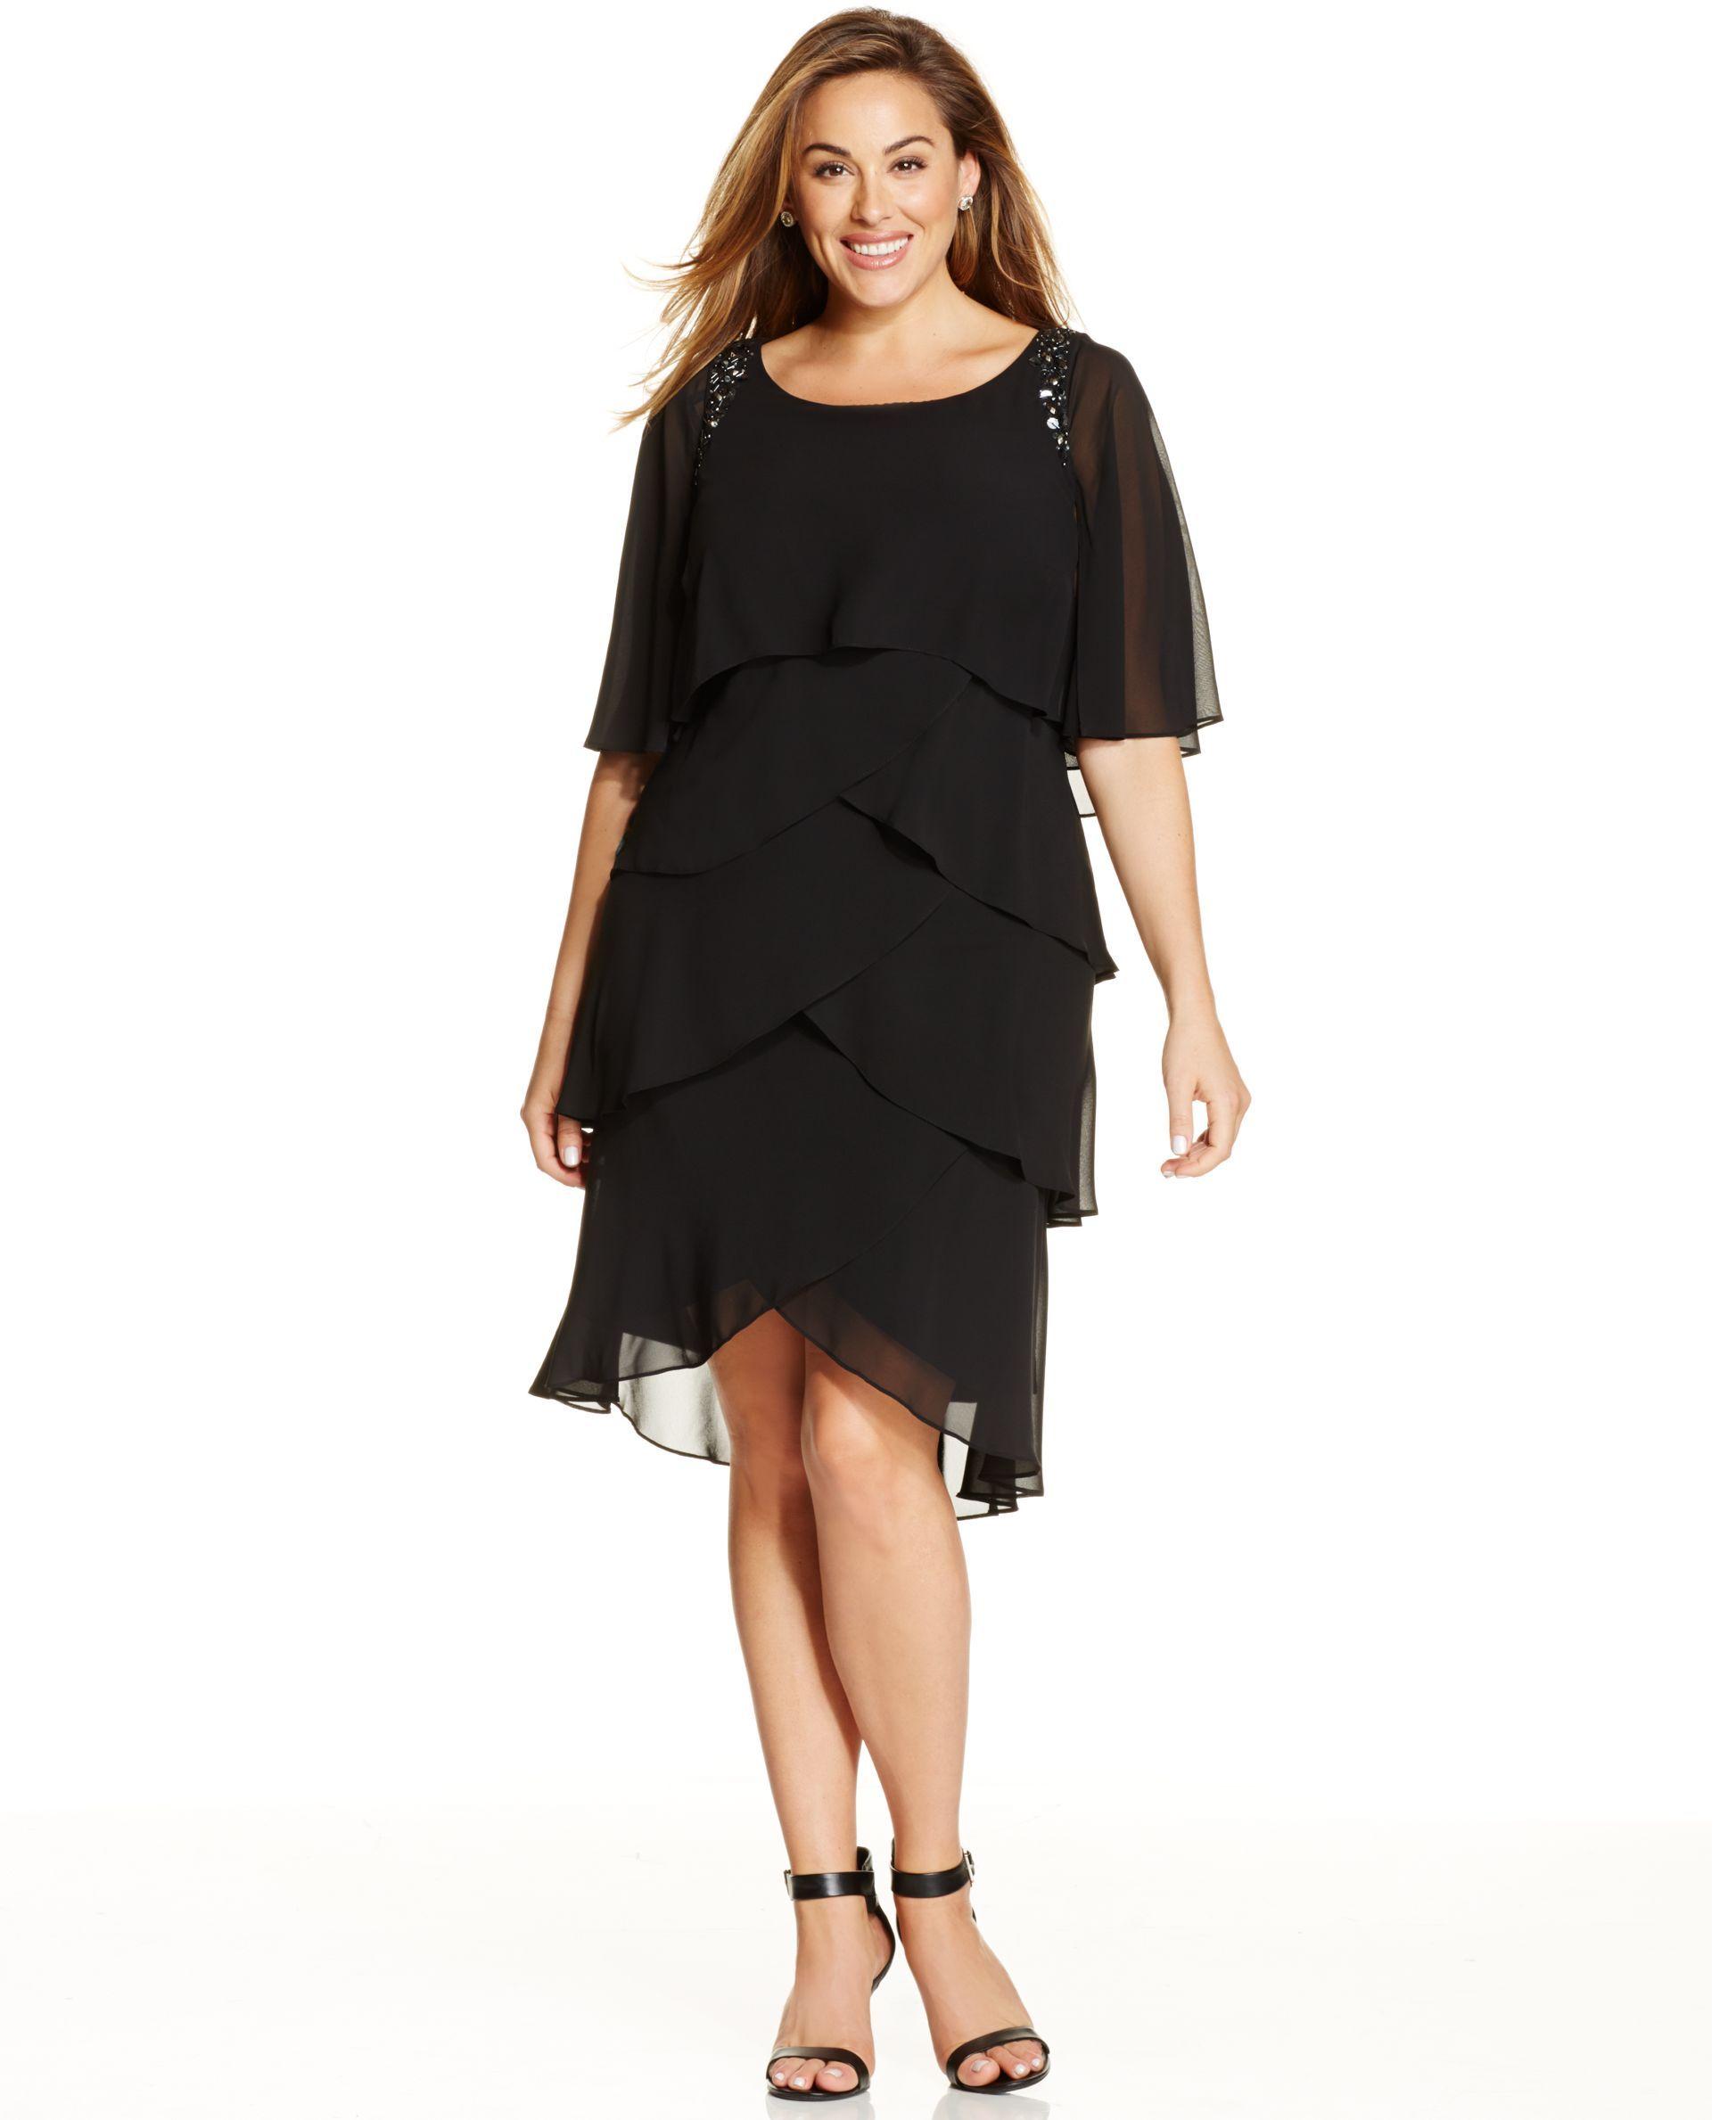 b56c2570f2f Sl Fashions Plus Size Beaded Tiered Shift Dress